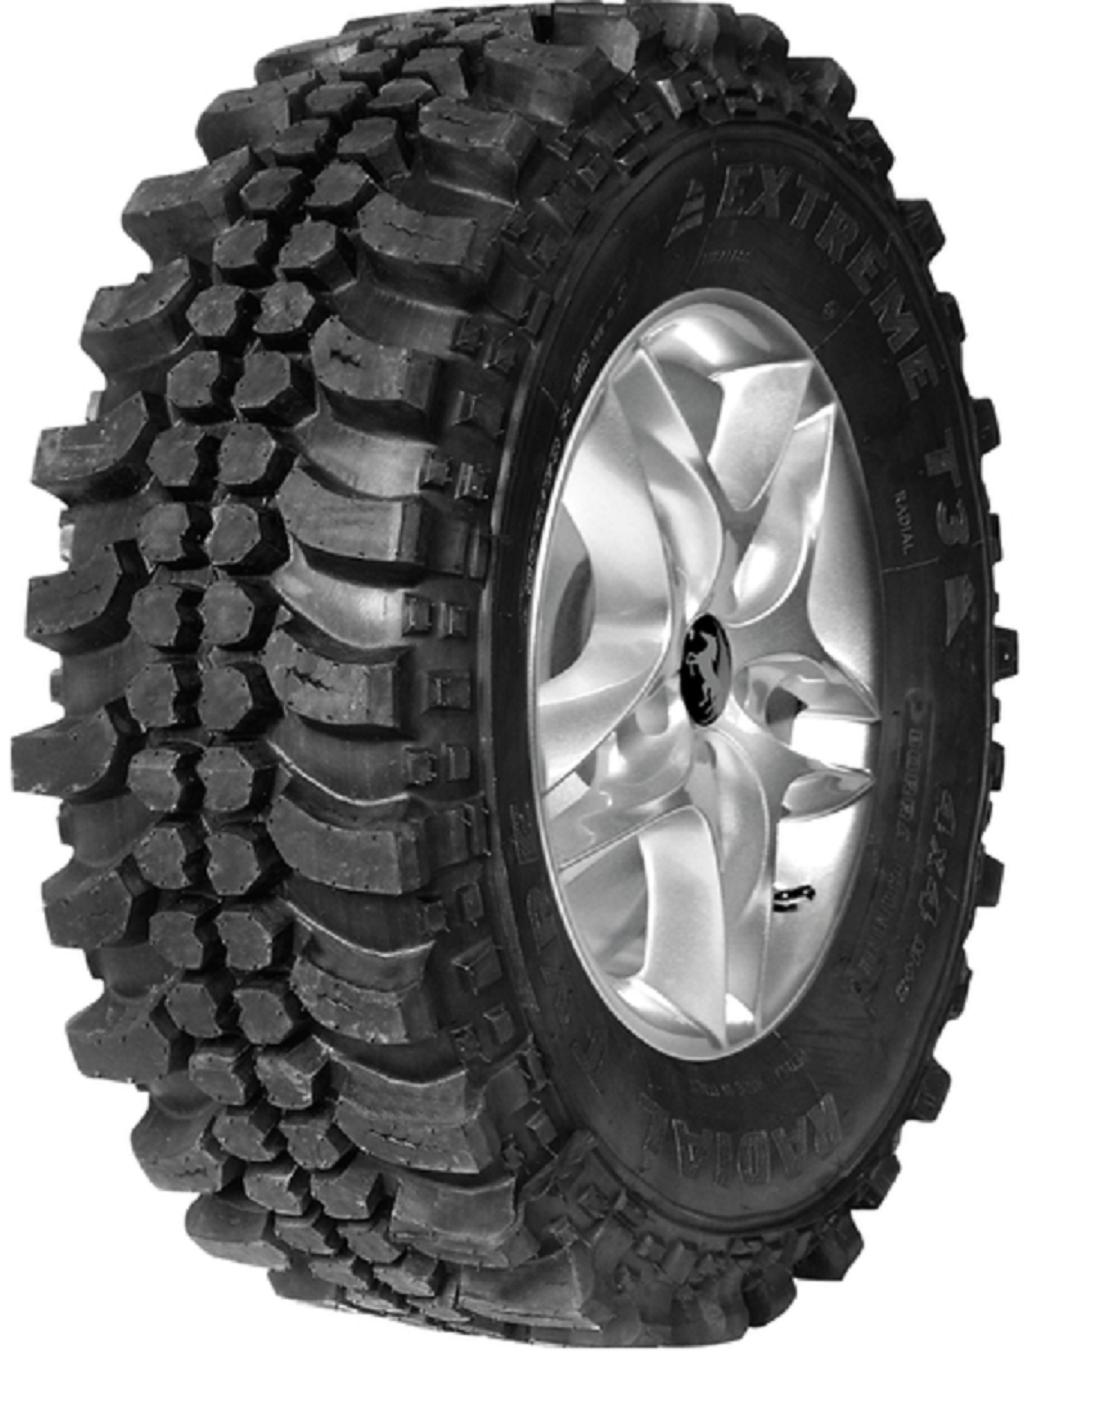 Poľovnícka offroad pneumatika T3 215/70 R15